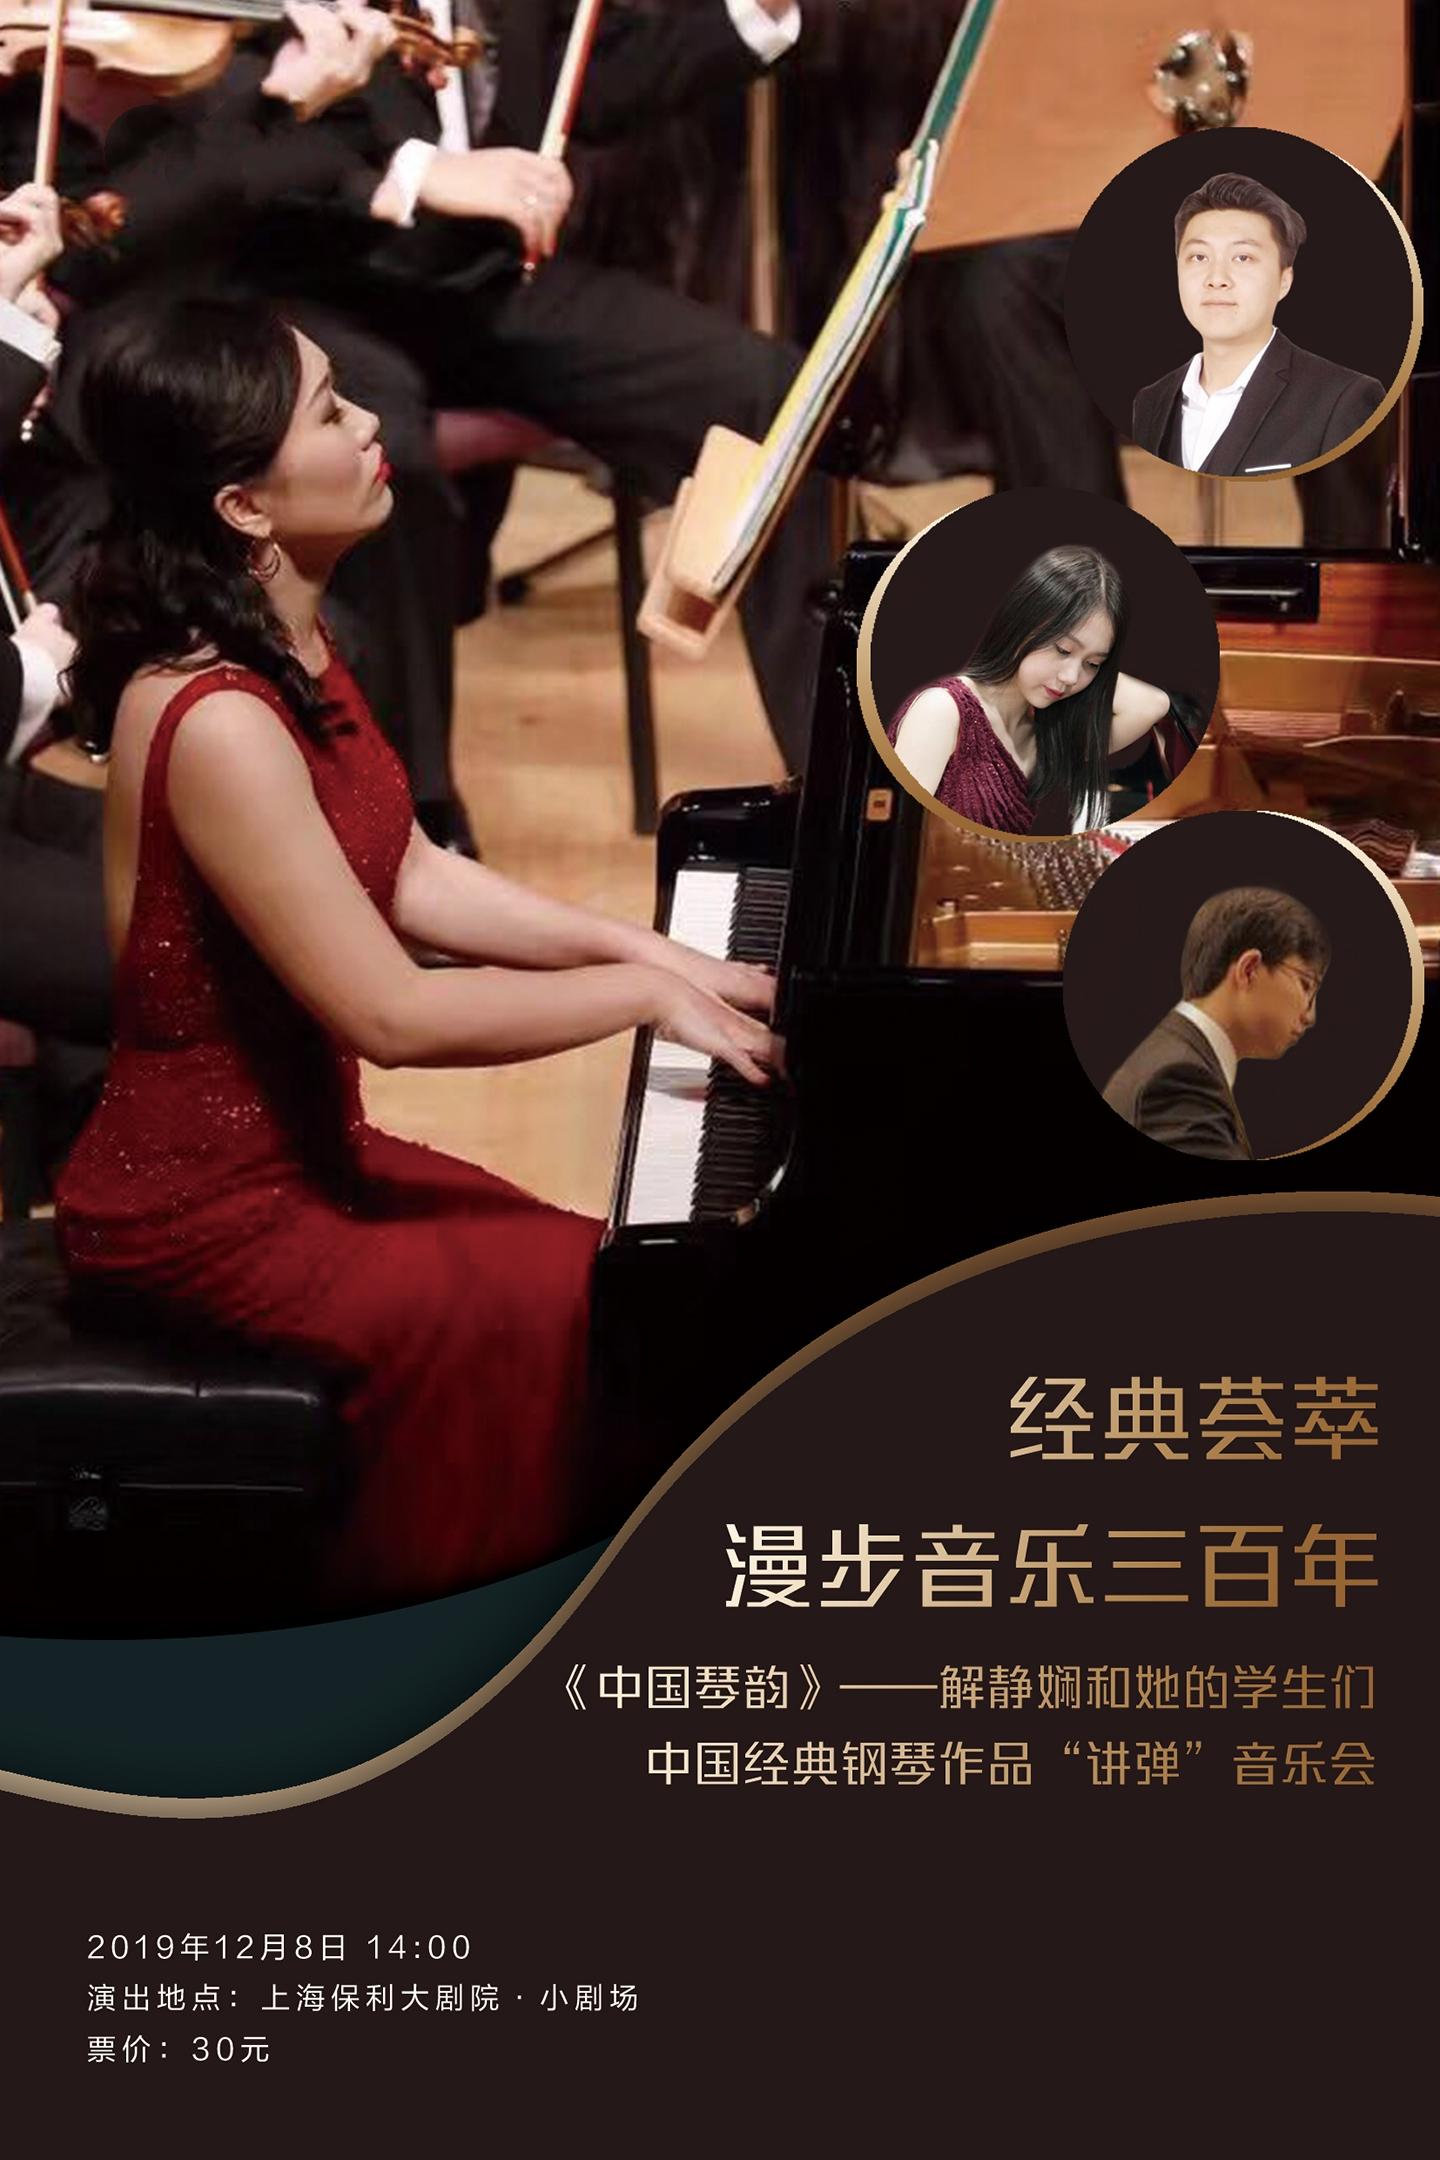 解静娴和她的学生们钢琴演奏音乐会上海站